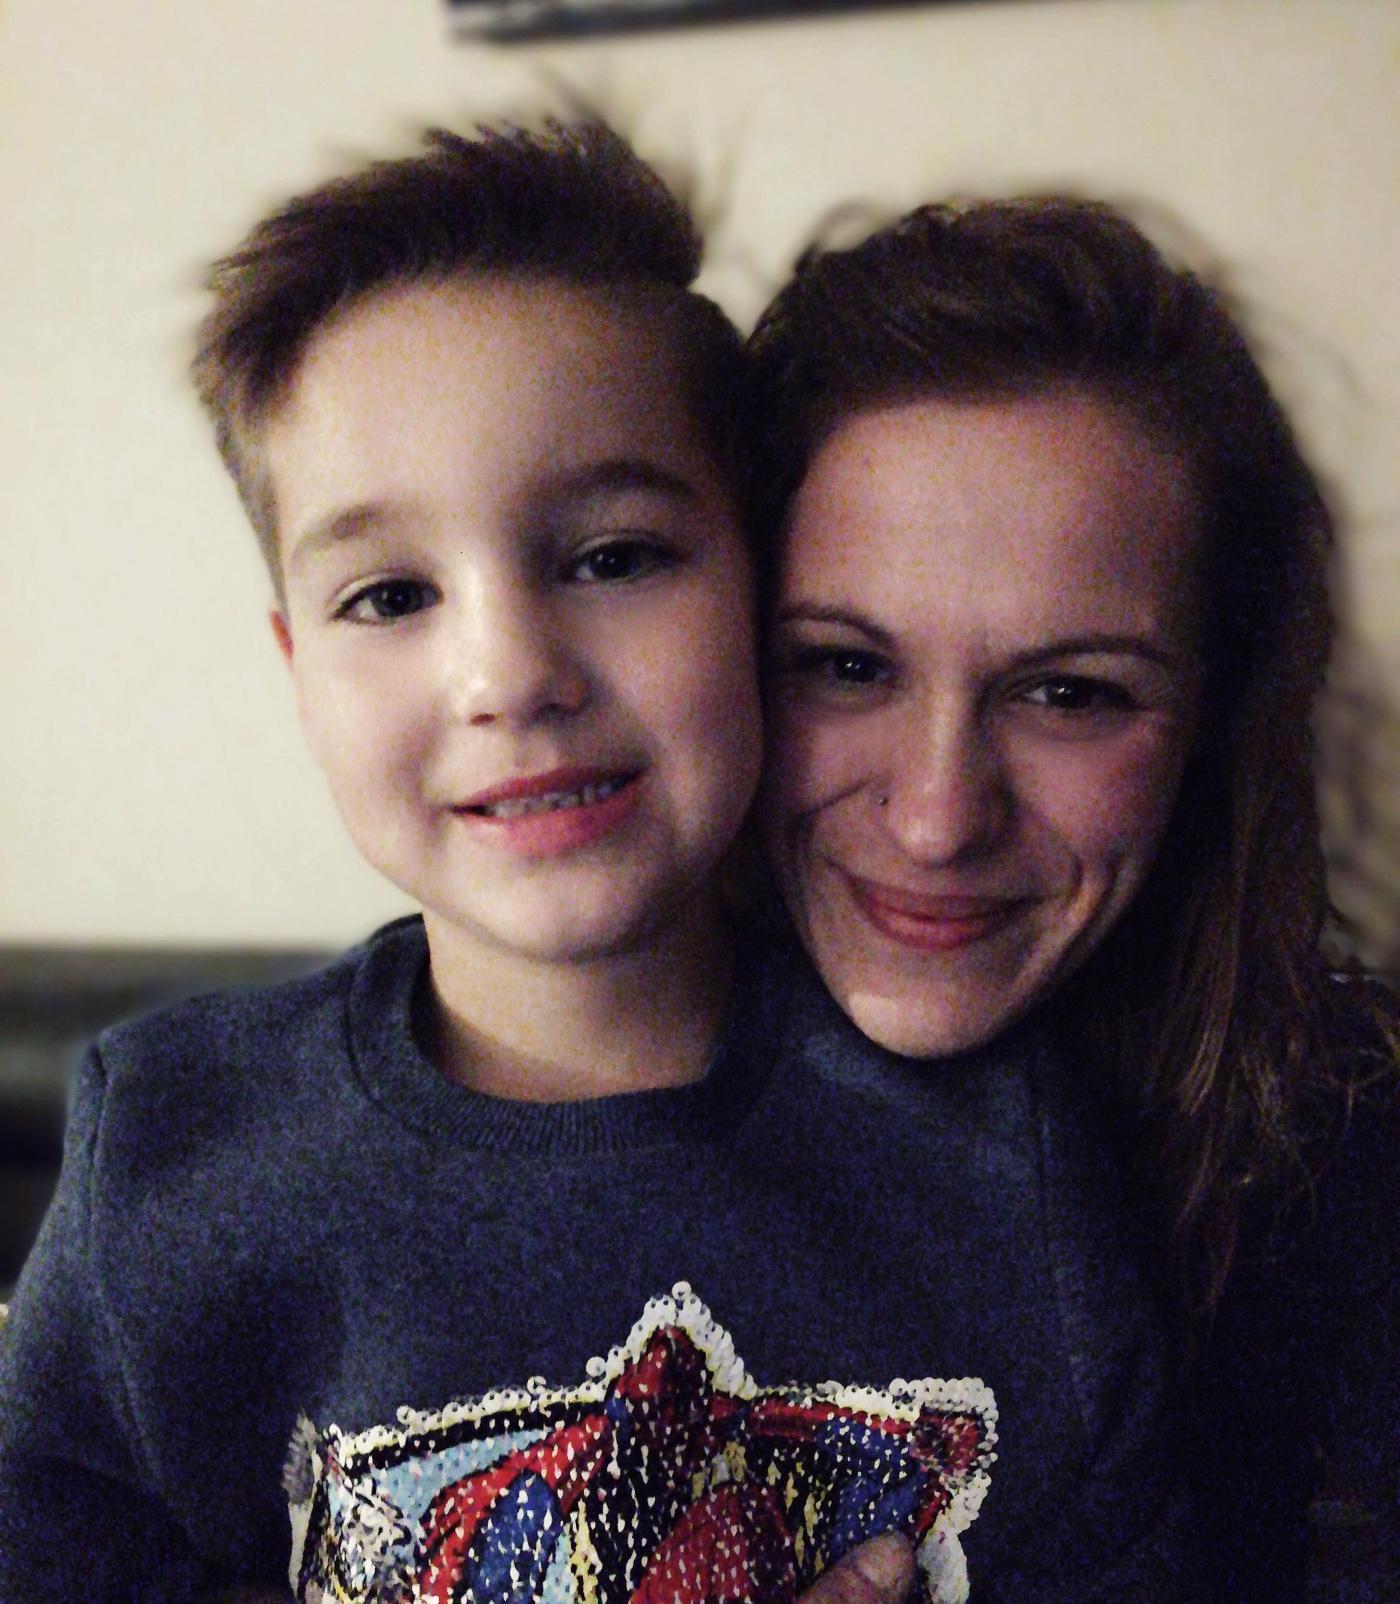 Joëlle samen met haar zoontje.